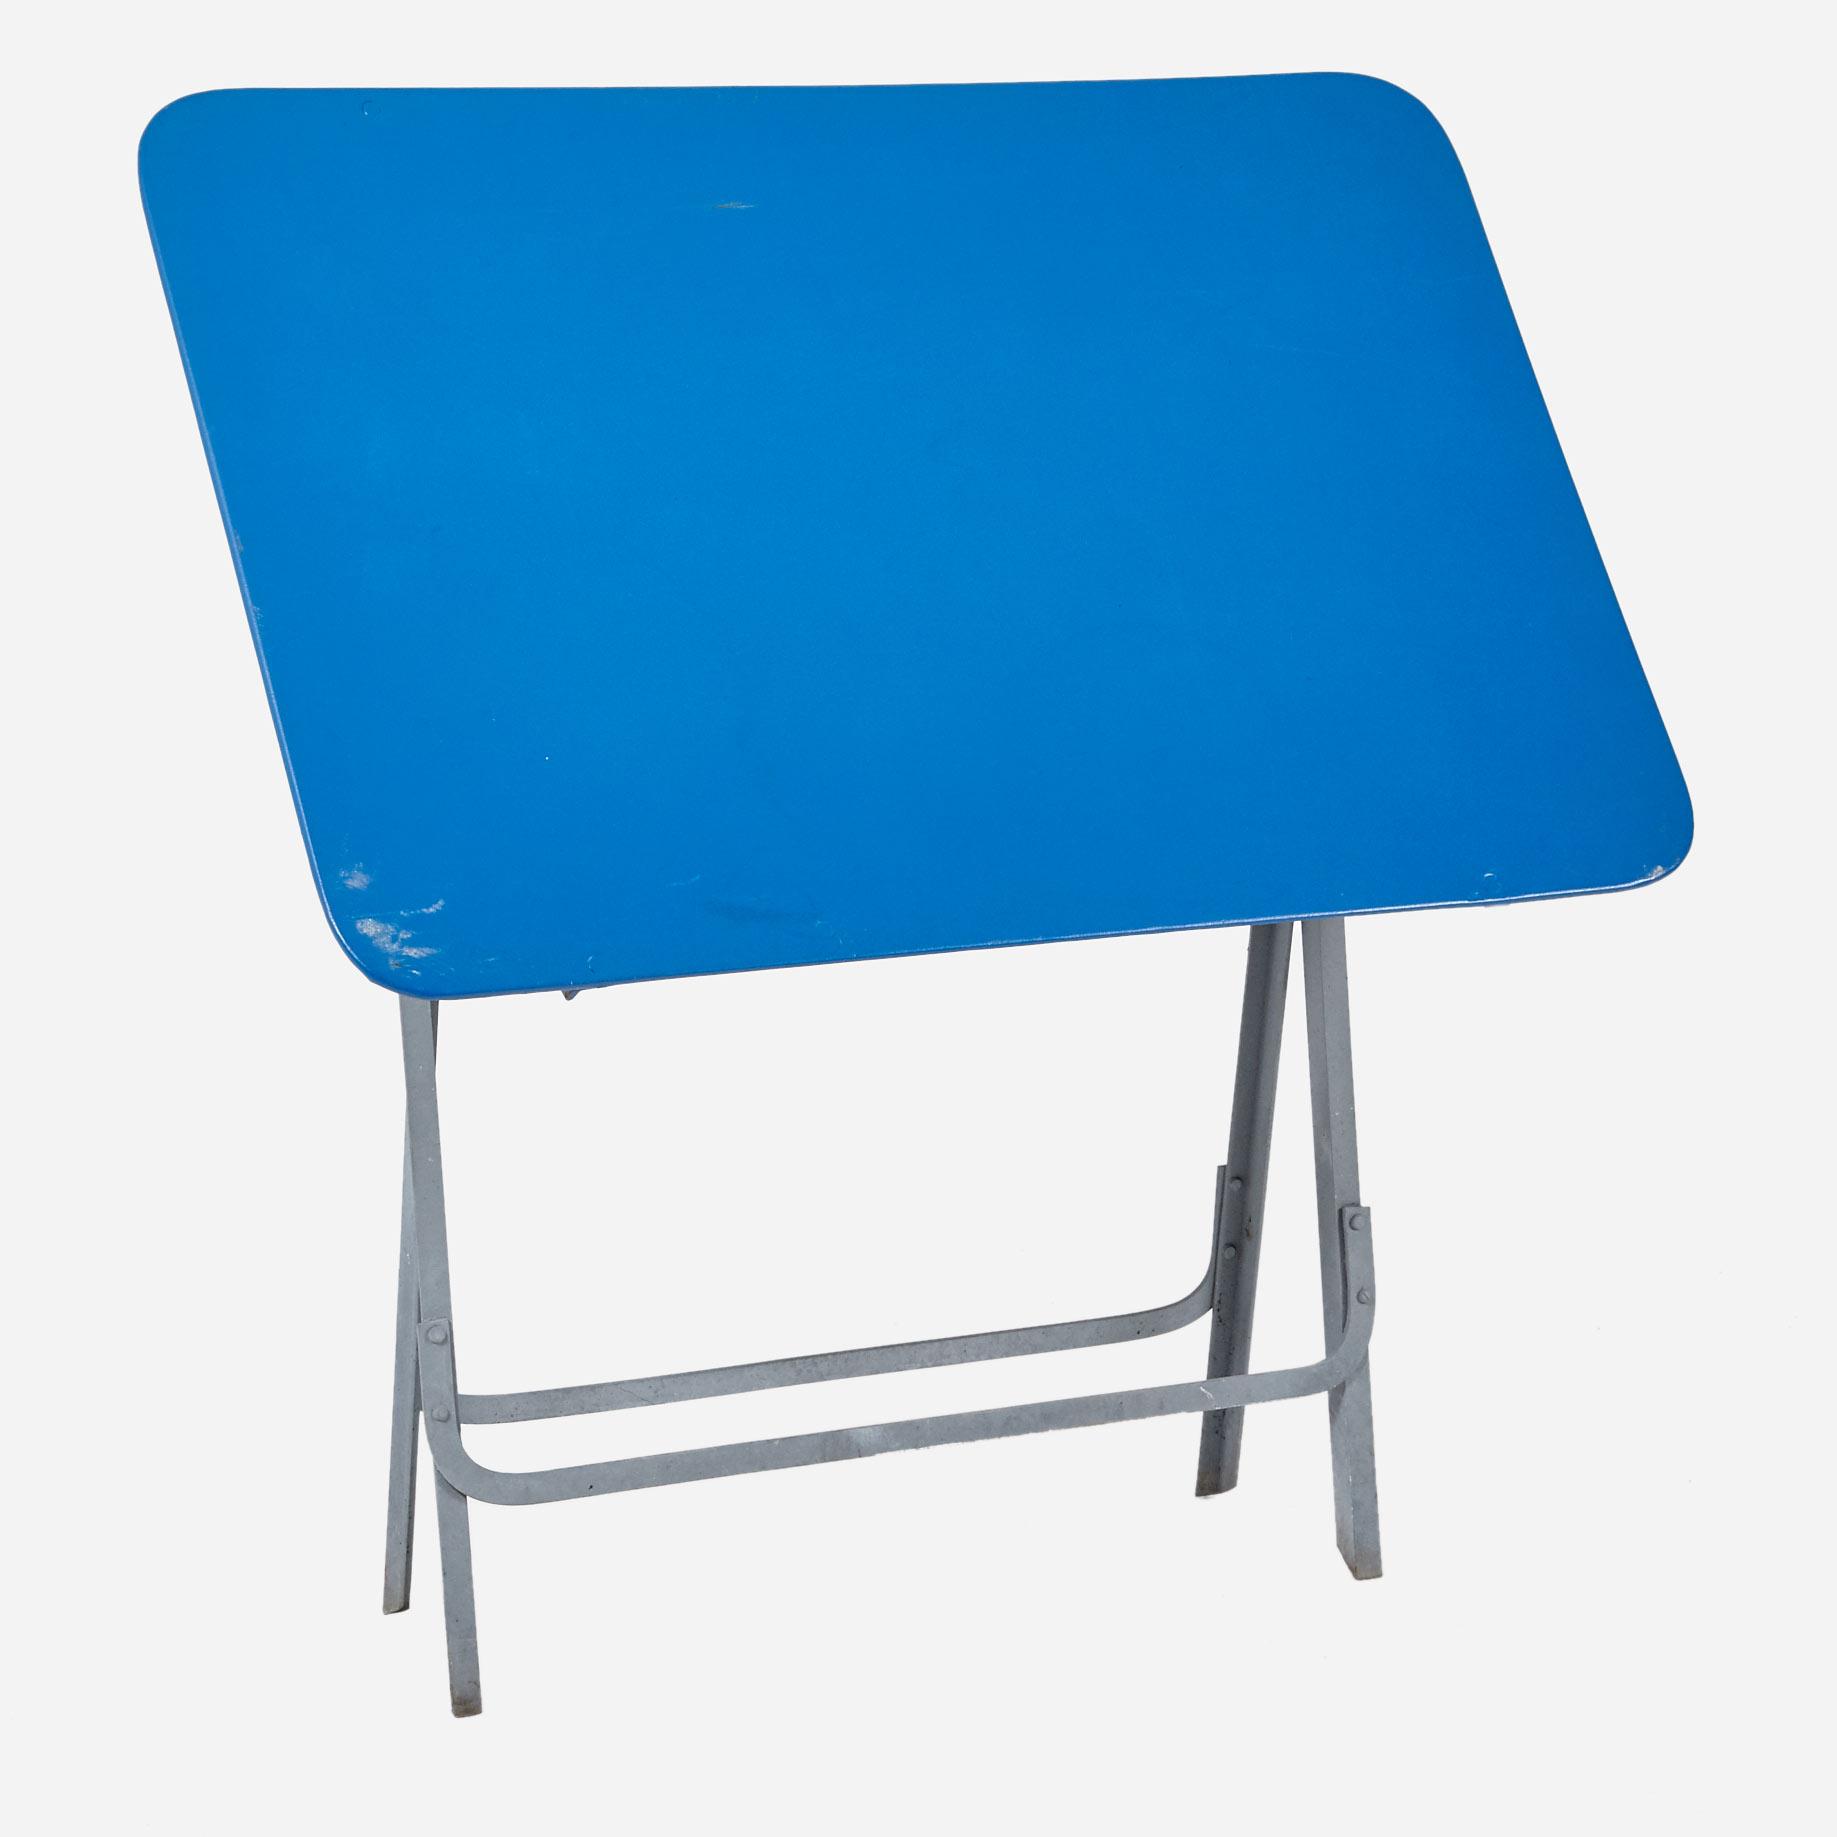 Kleiner Gartentisch In Blau Mobel Zurich Vintagemobel